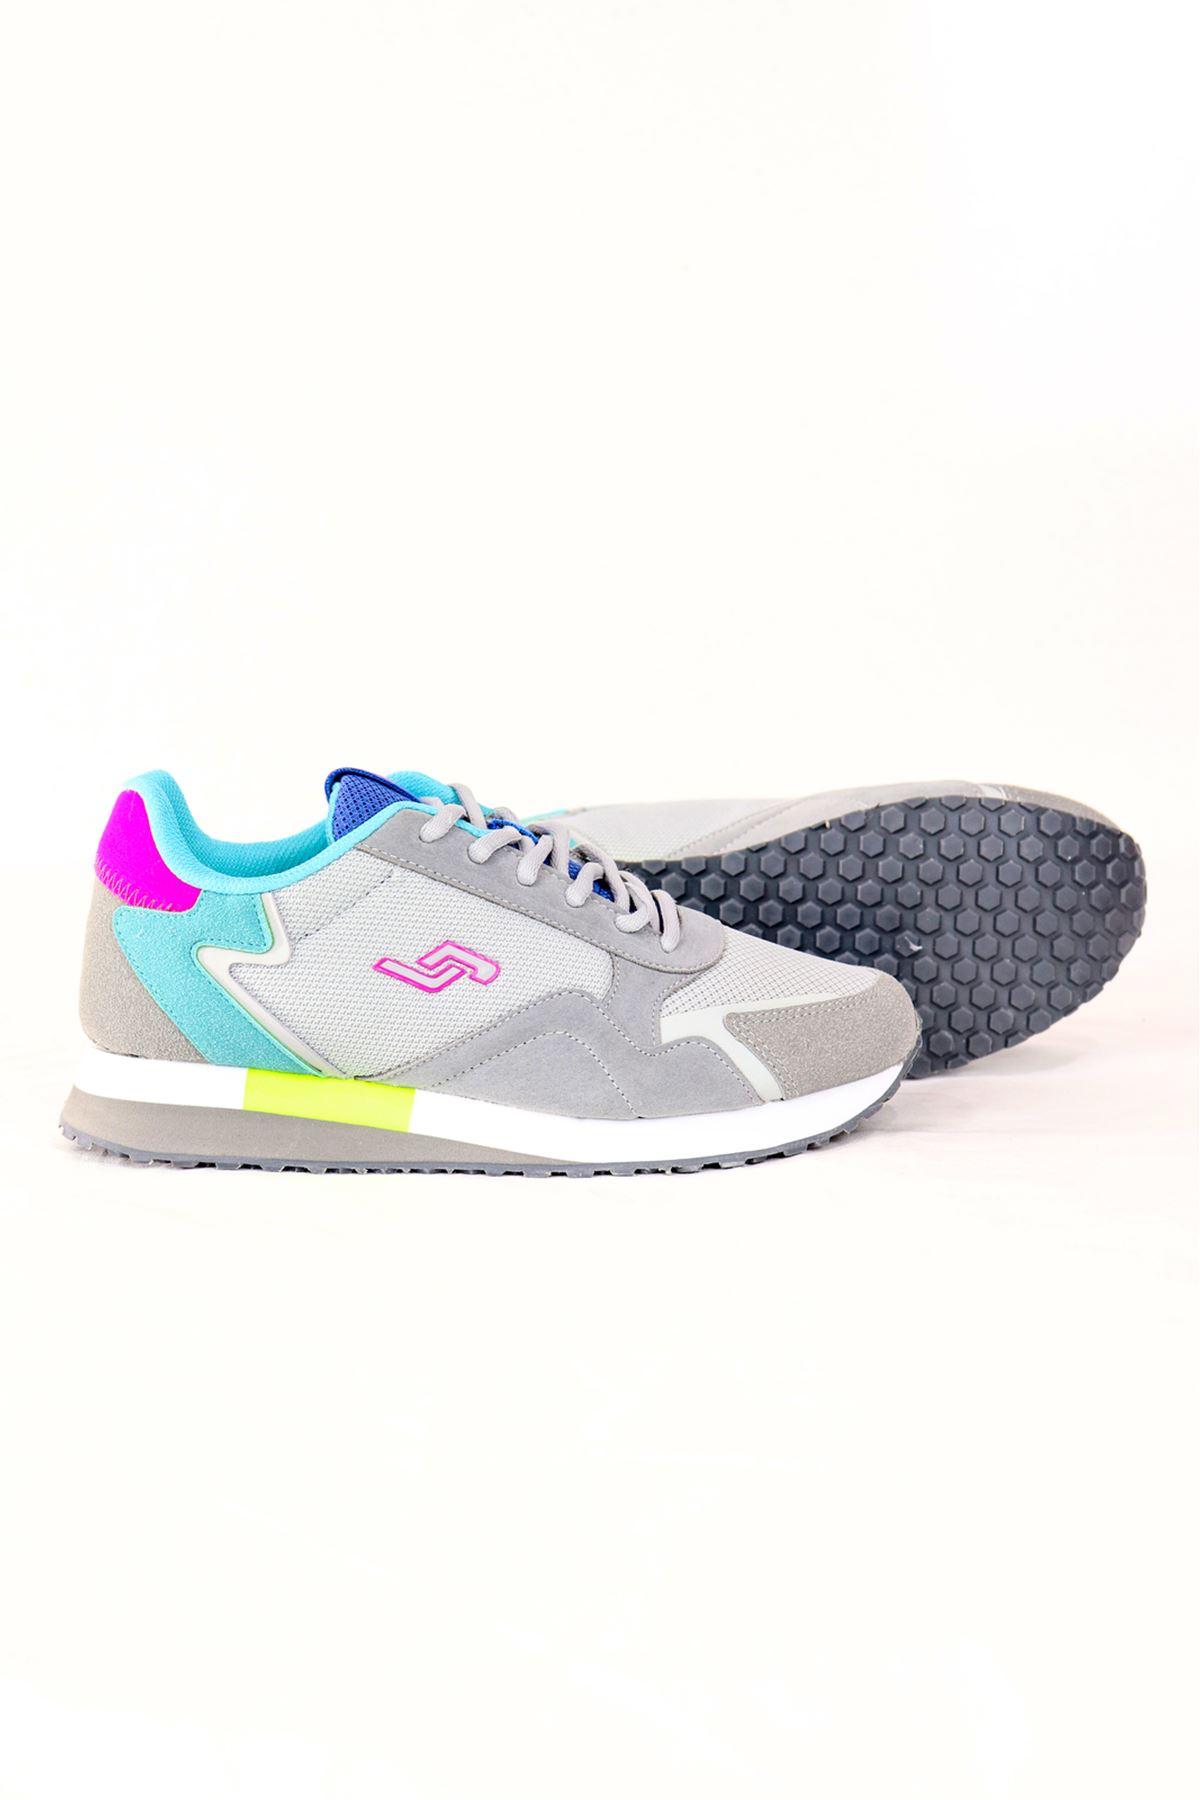 Jump - 26252 - Gri Yeşil/Mavi Detaylı Kadın Spor Ayakkabısı